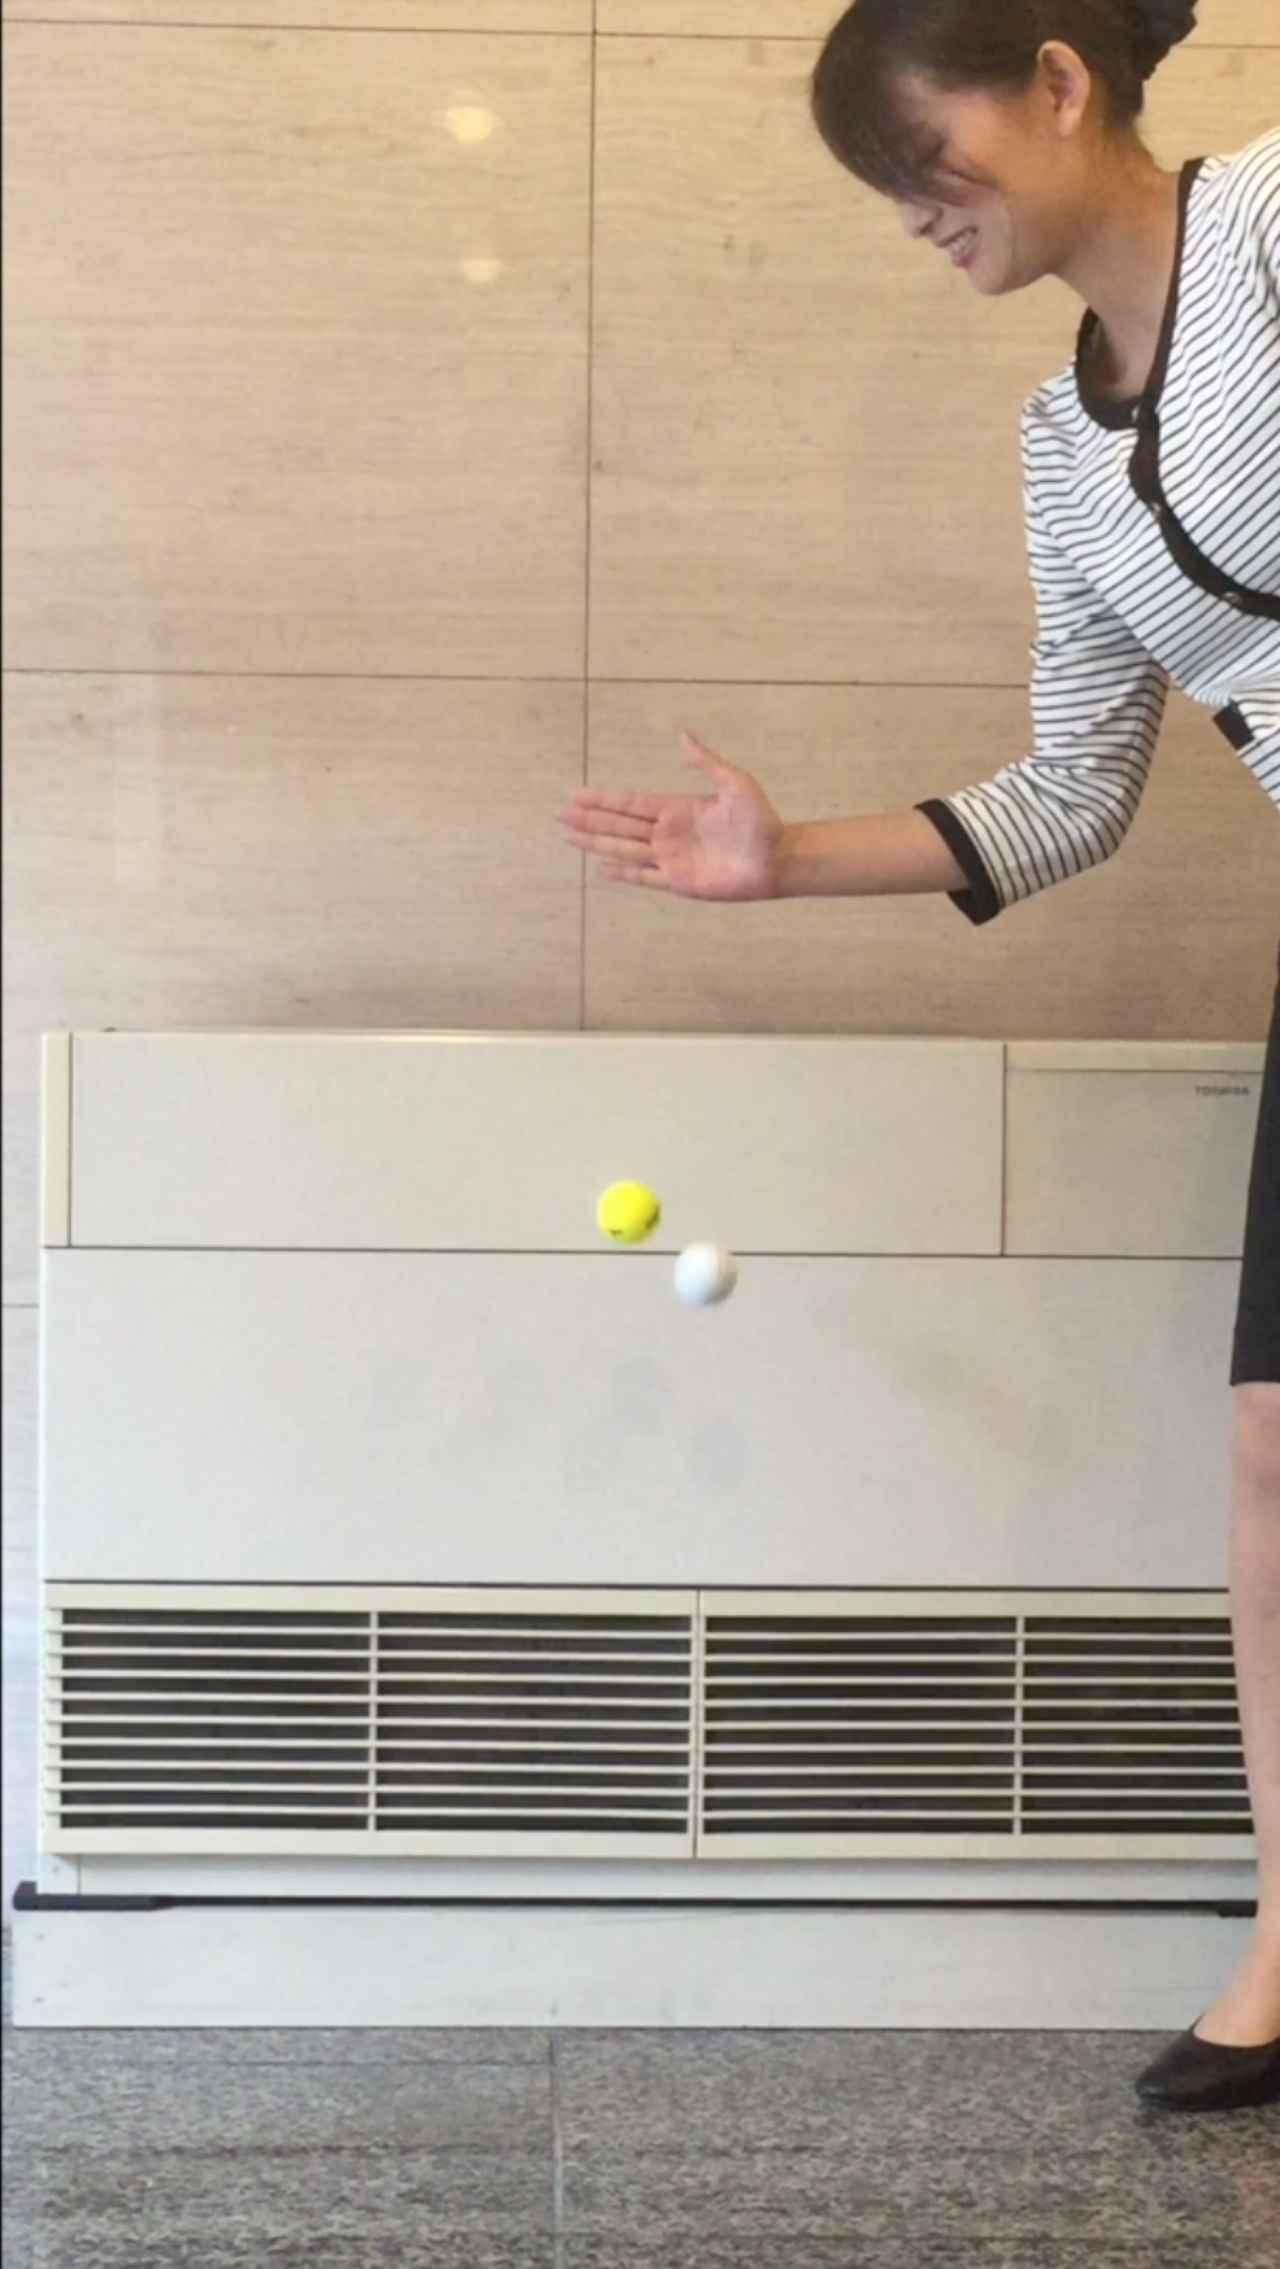 画像: こっ、これは! ボール約一個分、高反発ボールのほうが高く跳ね上がっているのがわかる